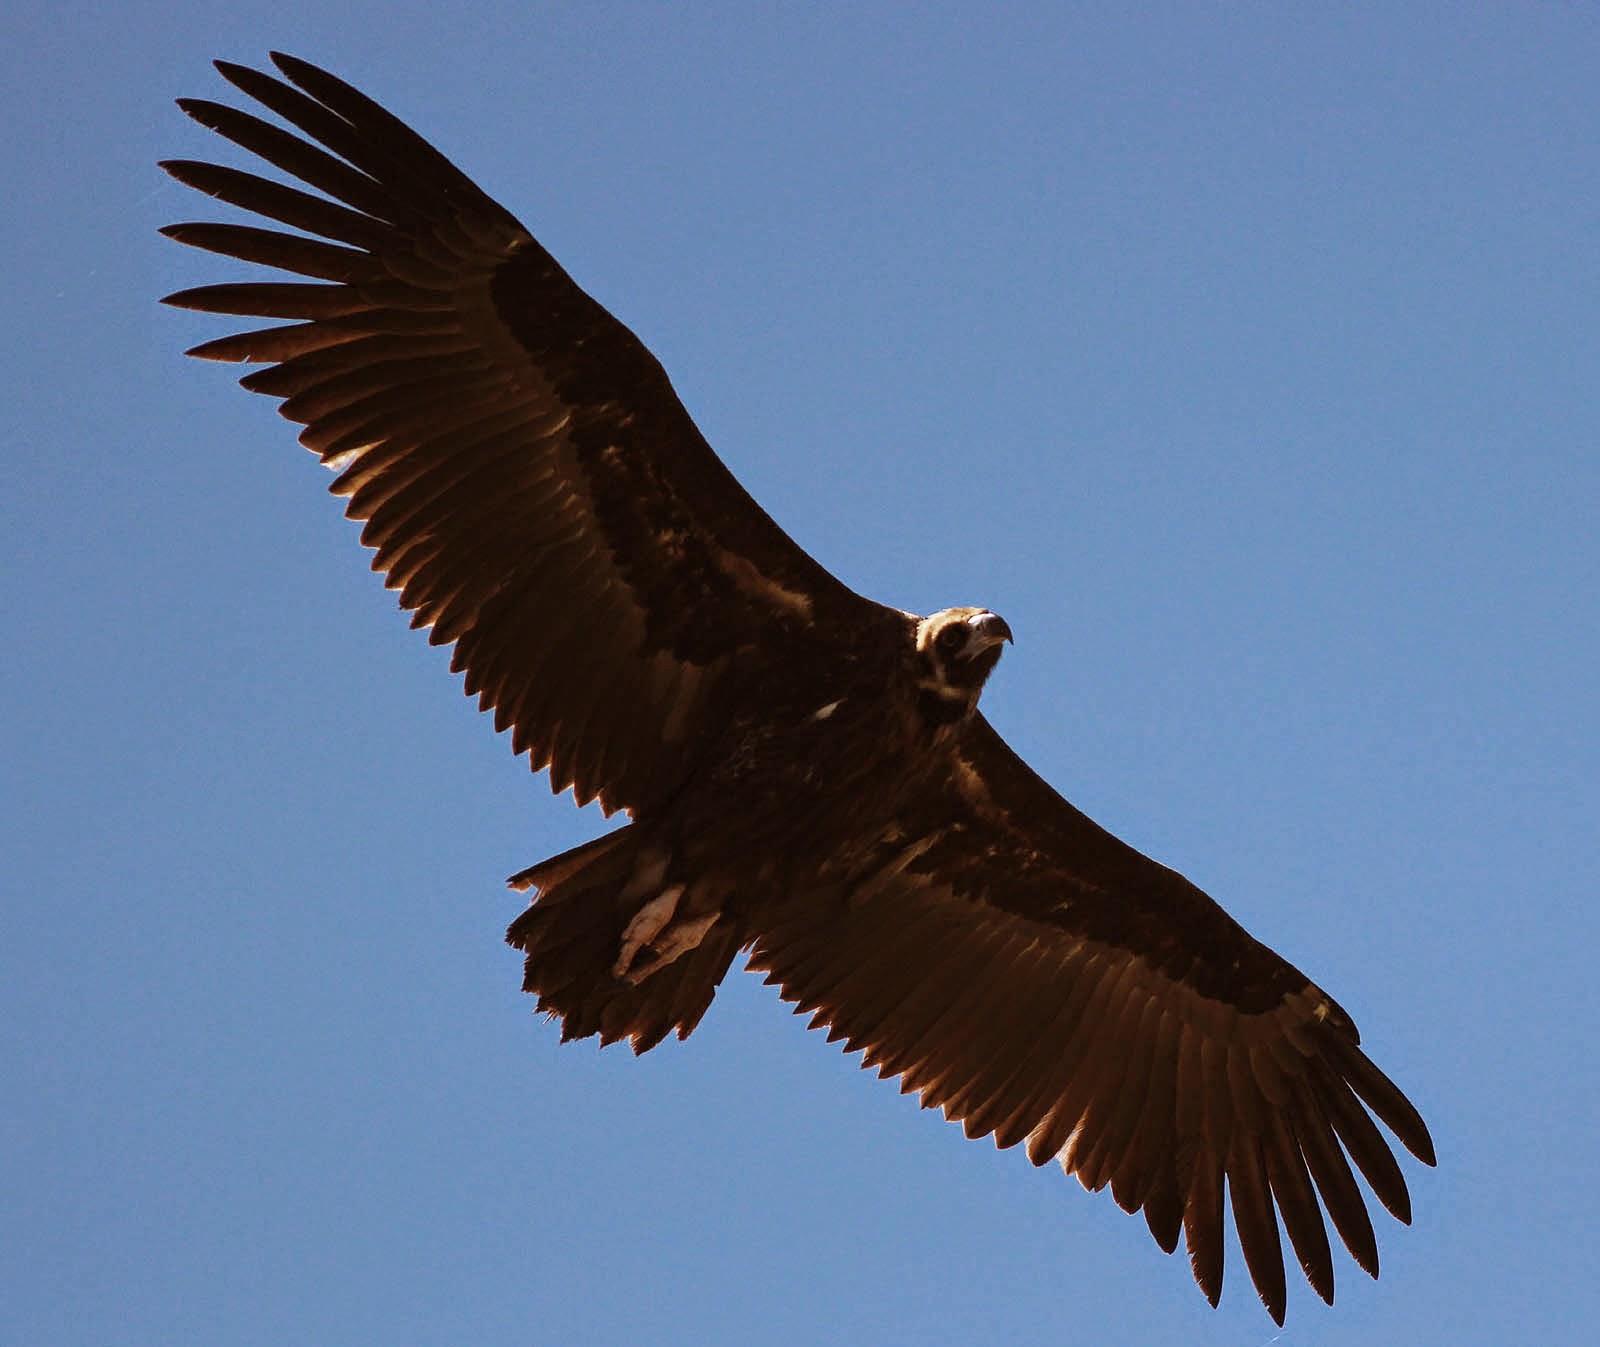 The biggest birds of prey